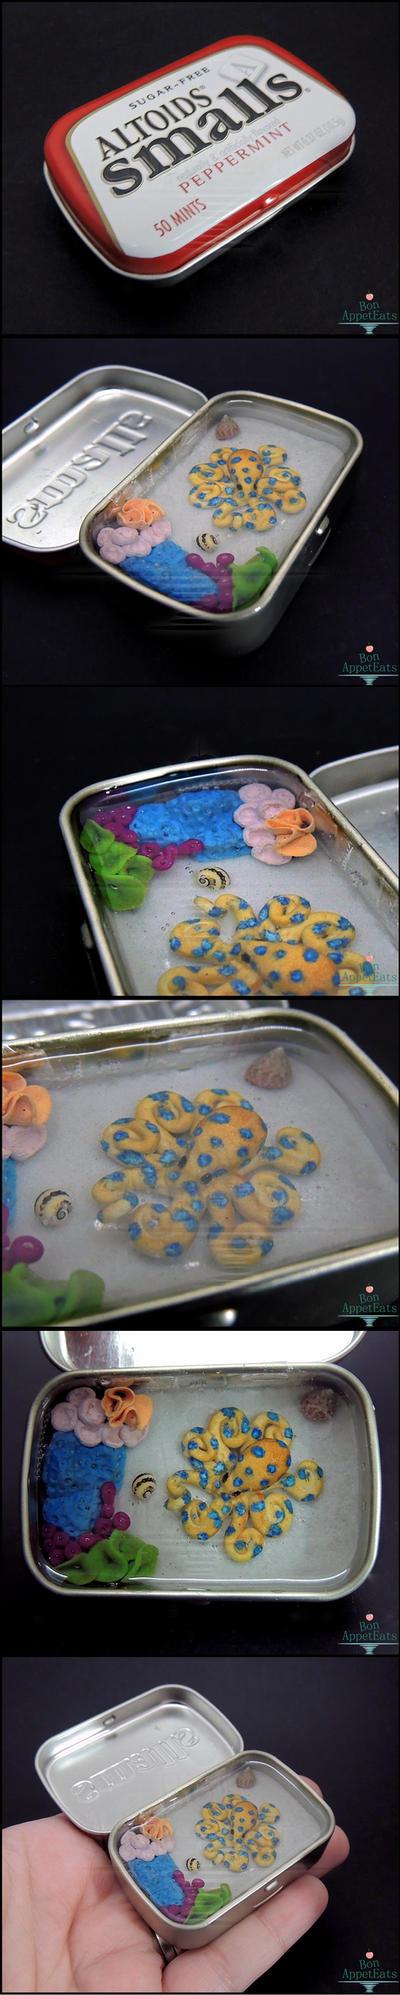 Commission: Octopus Altoids Smalls Tin by Bon-AppetEats